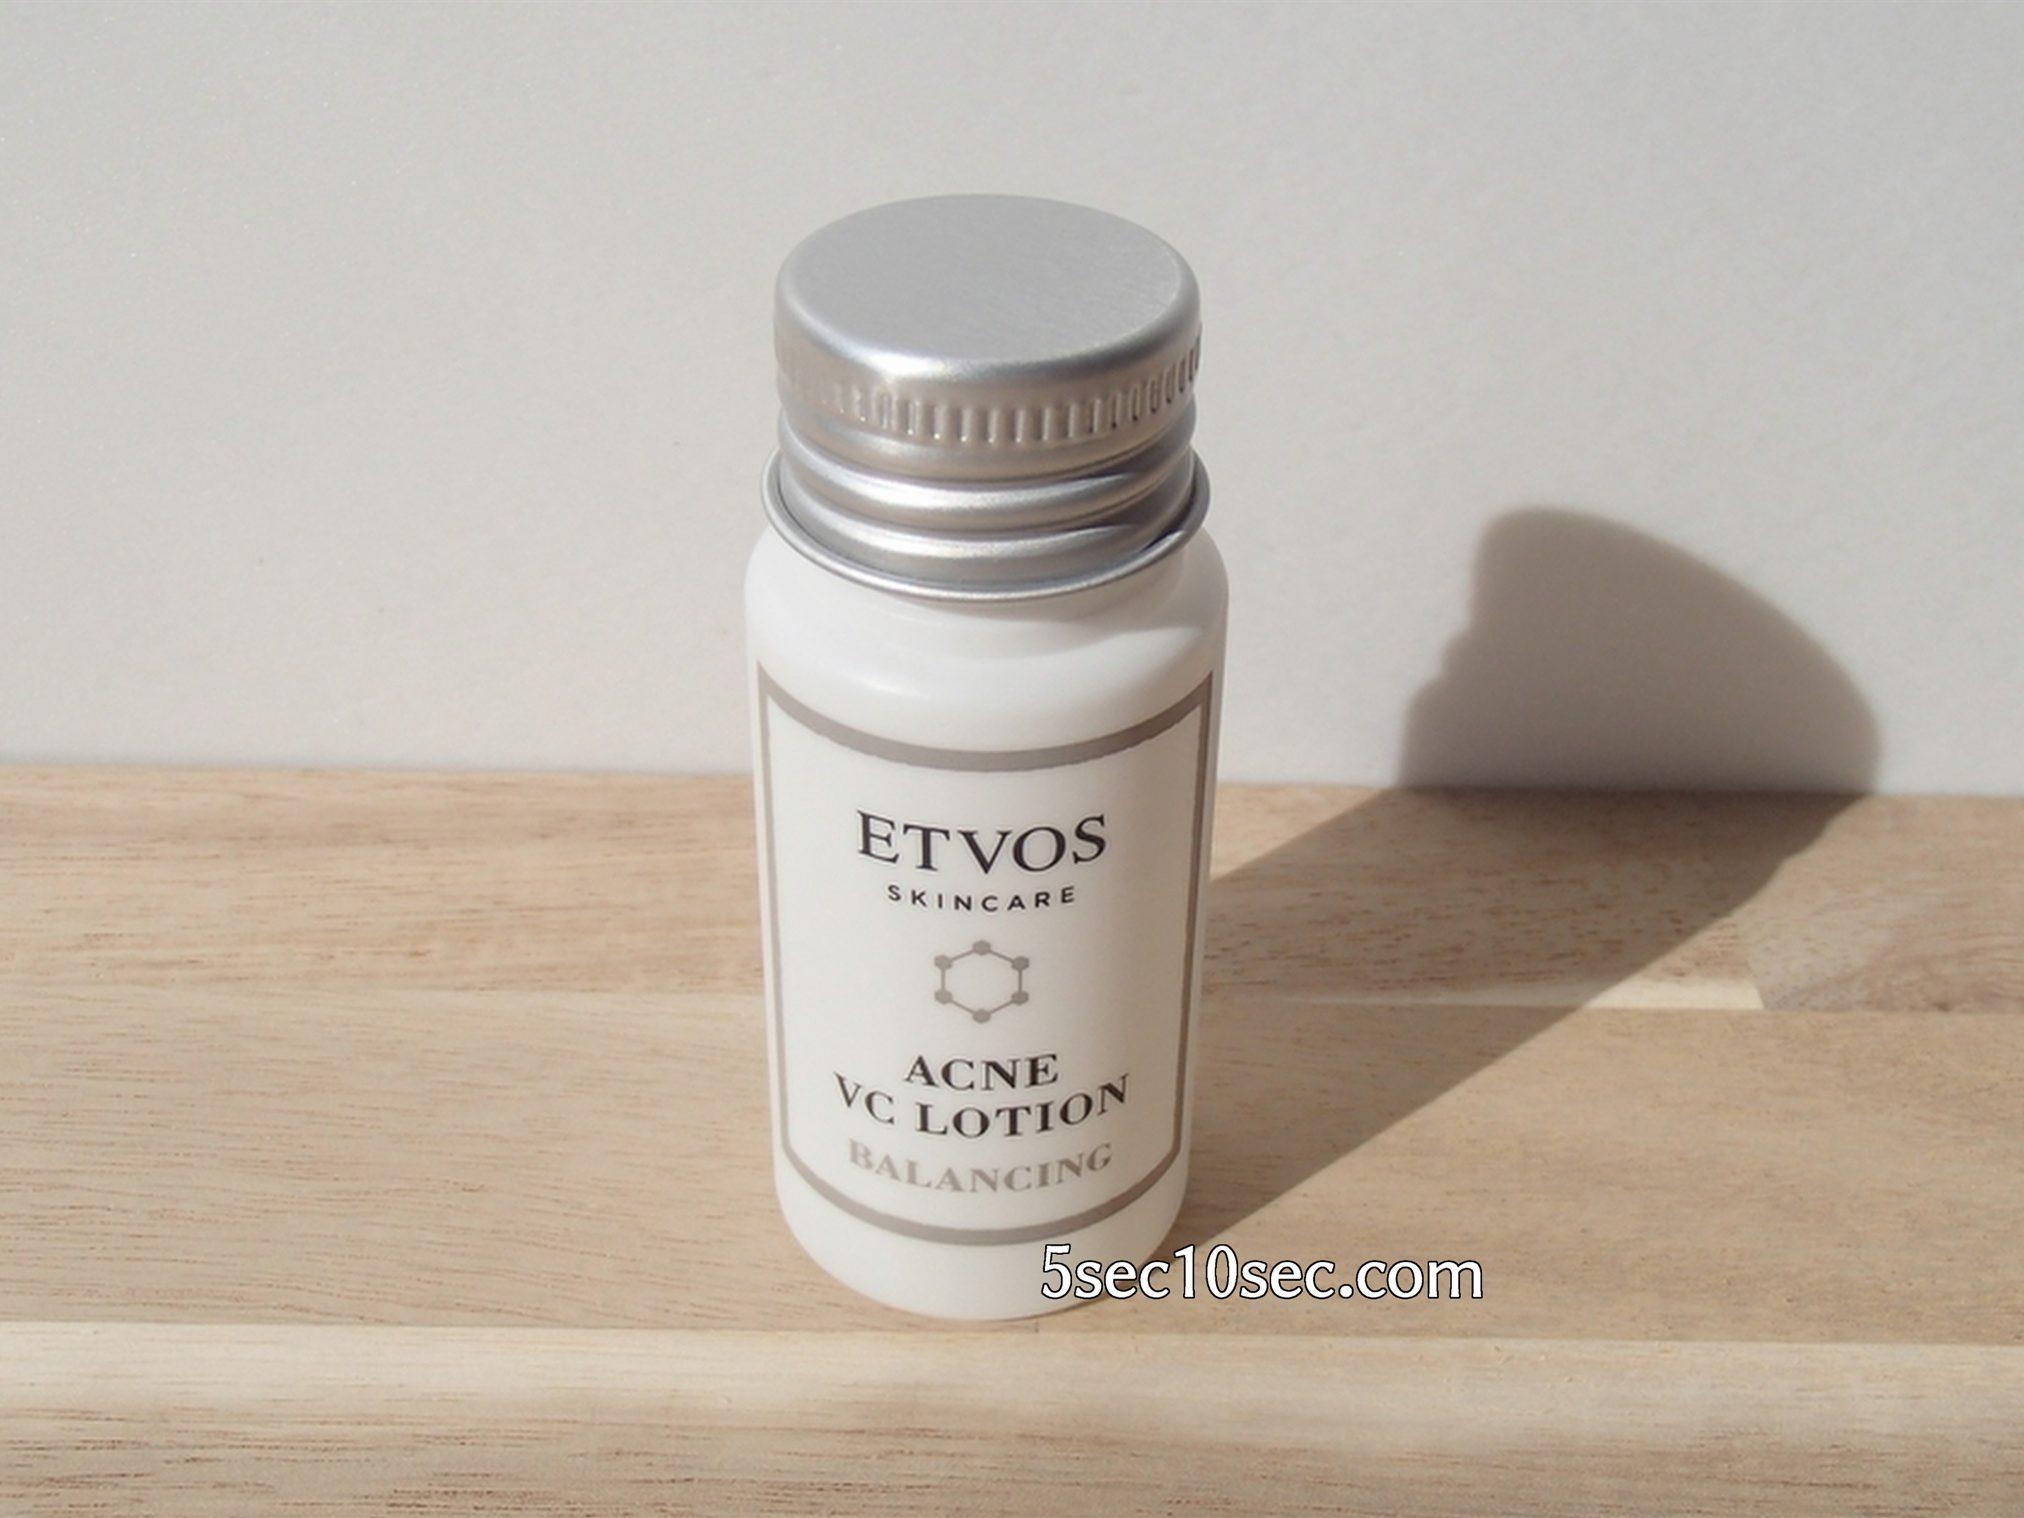 容器が可愛い、容器がお洒落な化粧水 エトヴォス 薬用 アクネVCローション